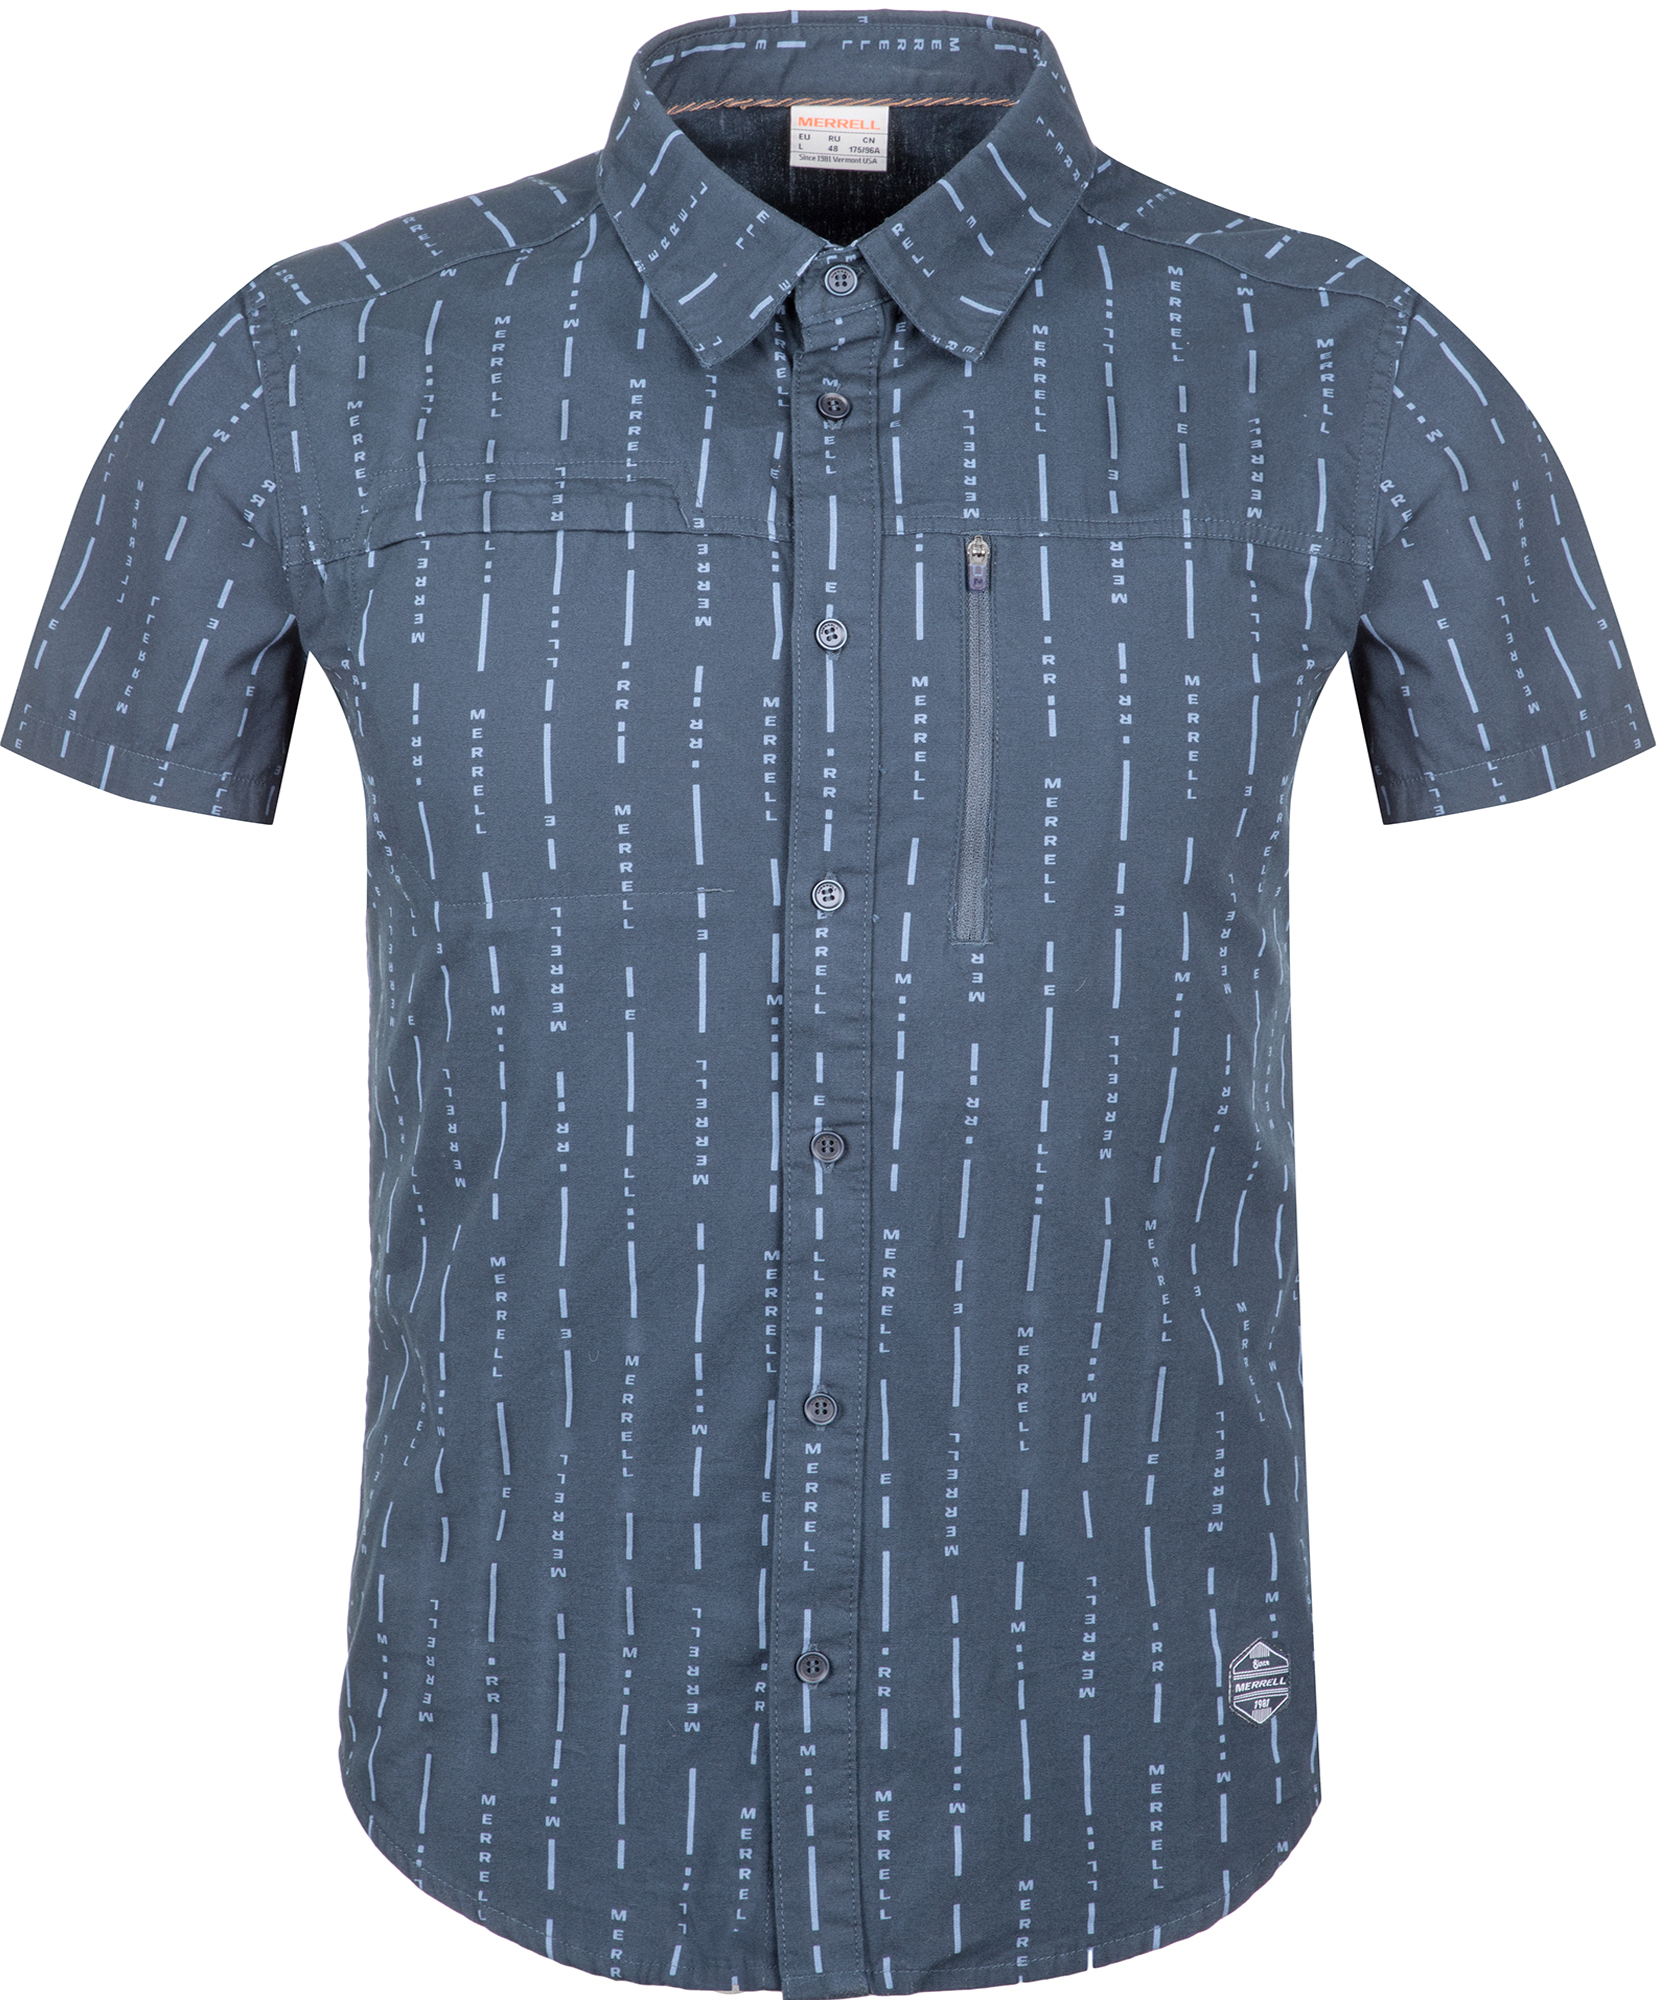 цена на Merrell Рубашка с коротким рукавом мужская Merrell, размер 48